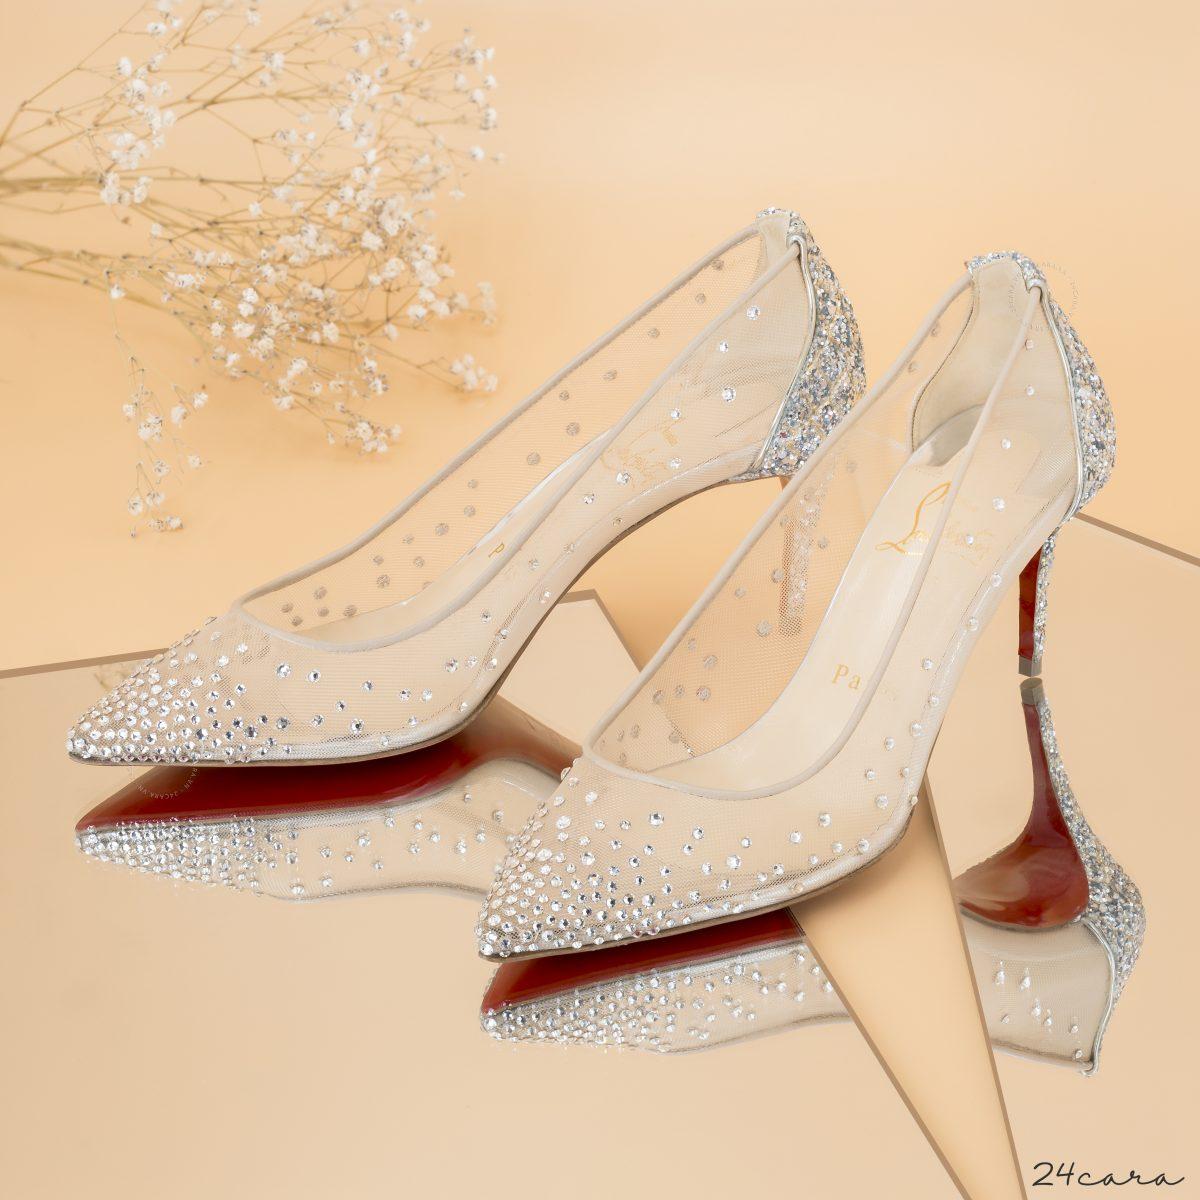 Sự tích về những mẫu giày cao gót đế đỏ Christian Louboutin